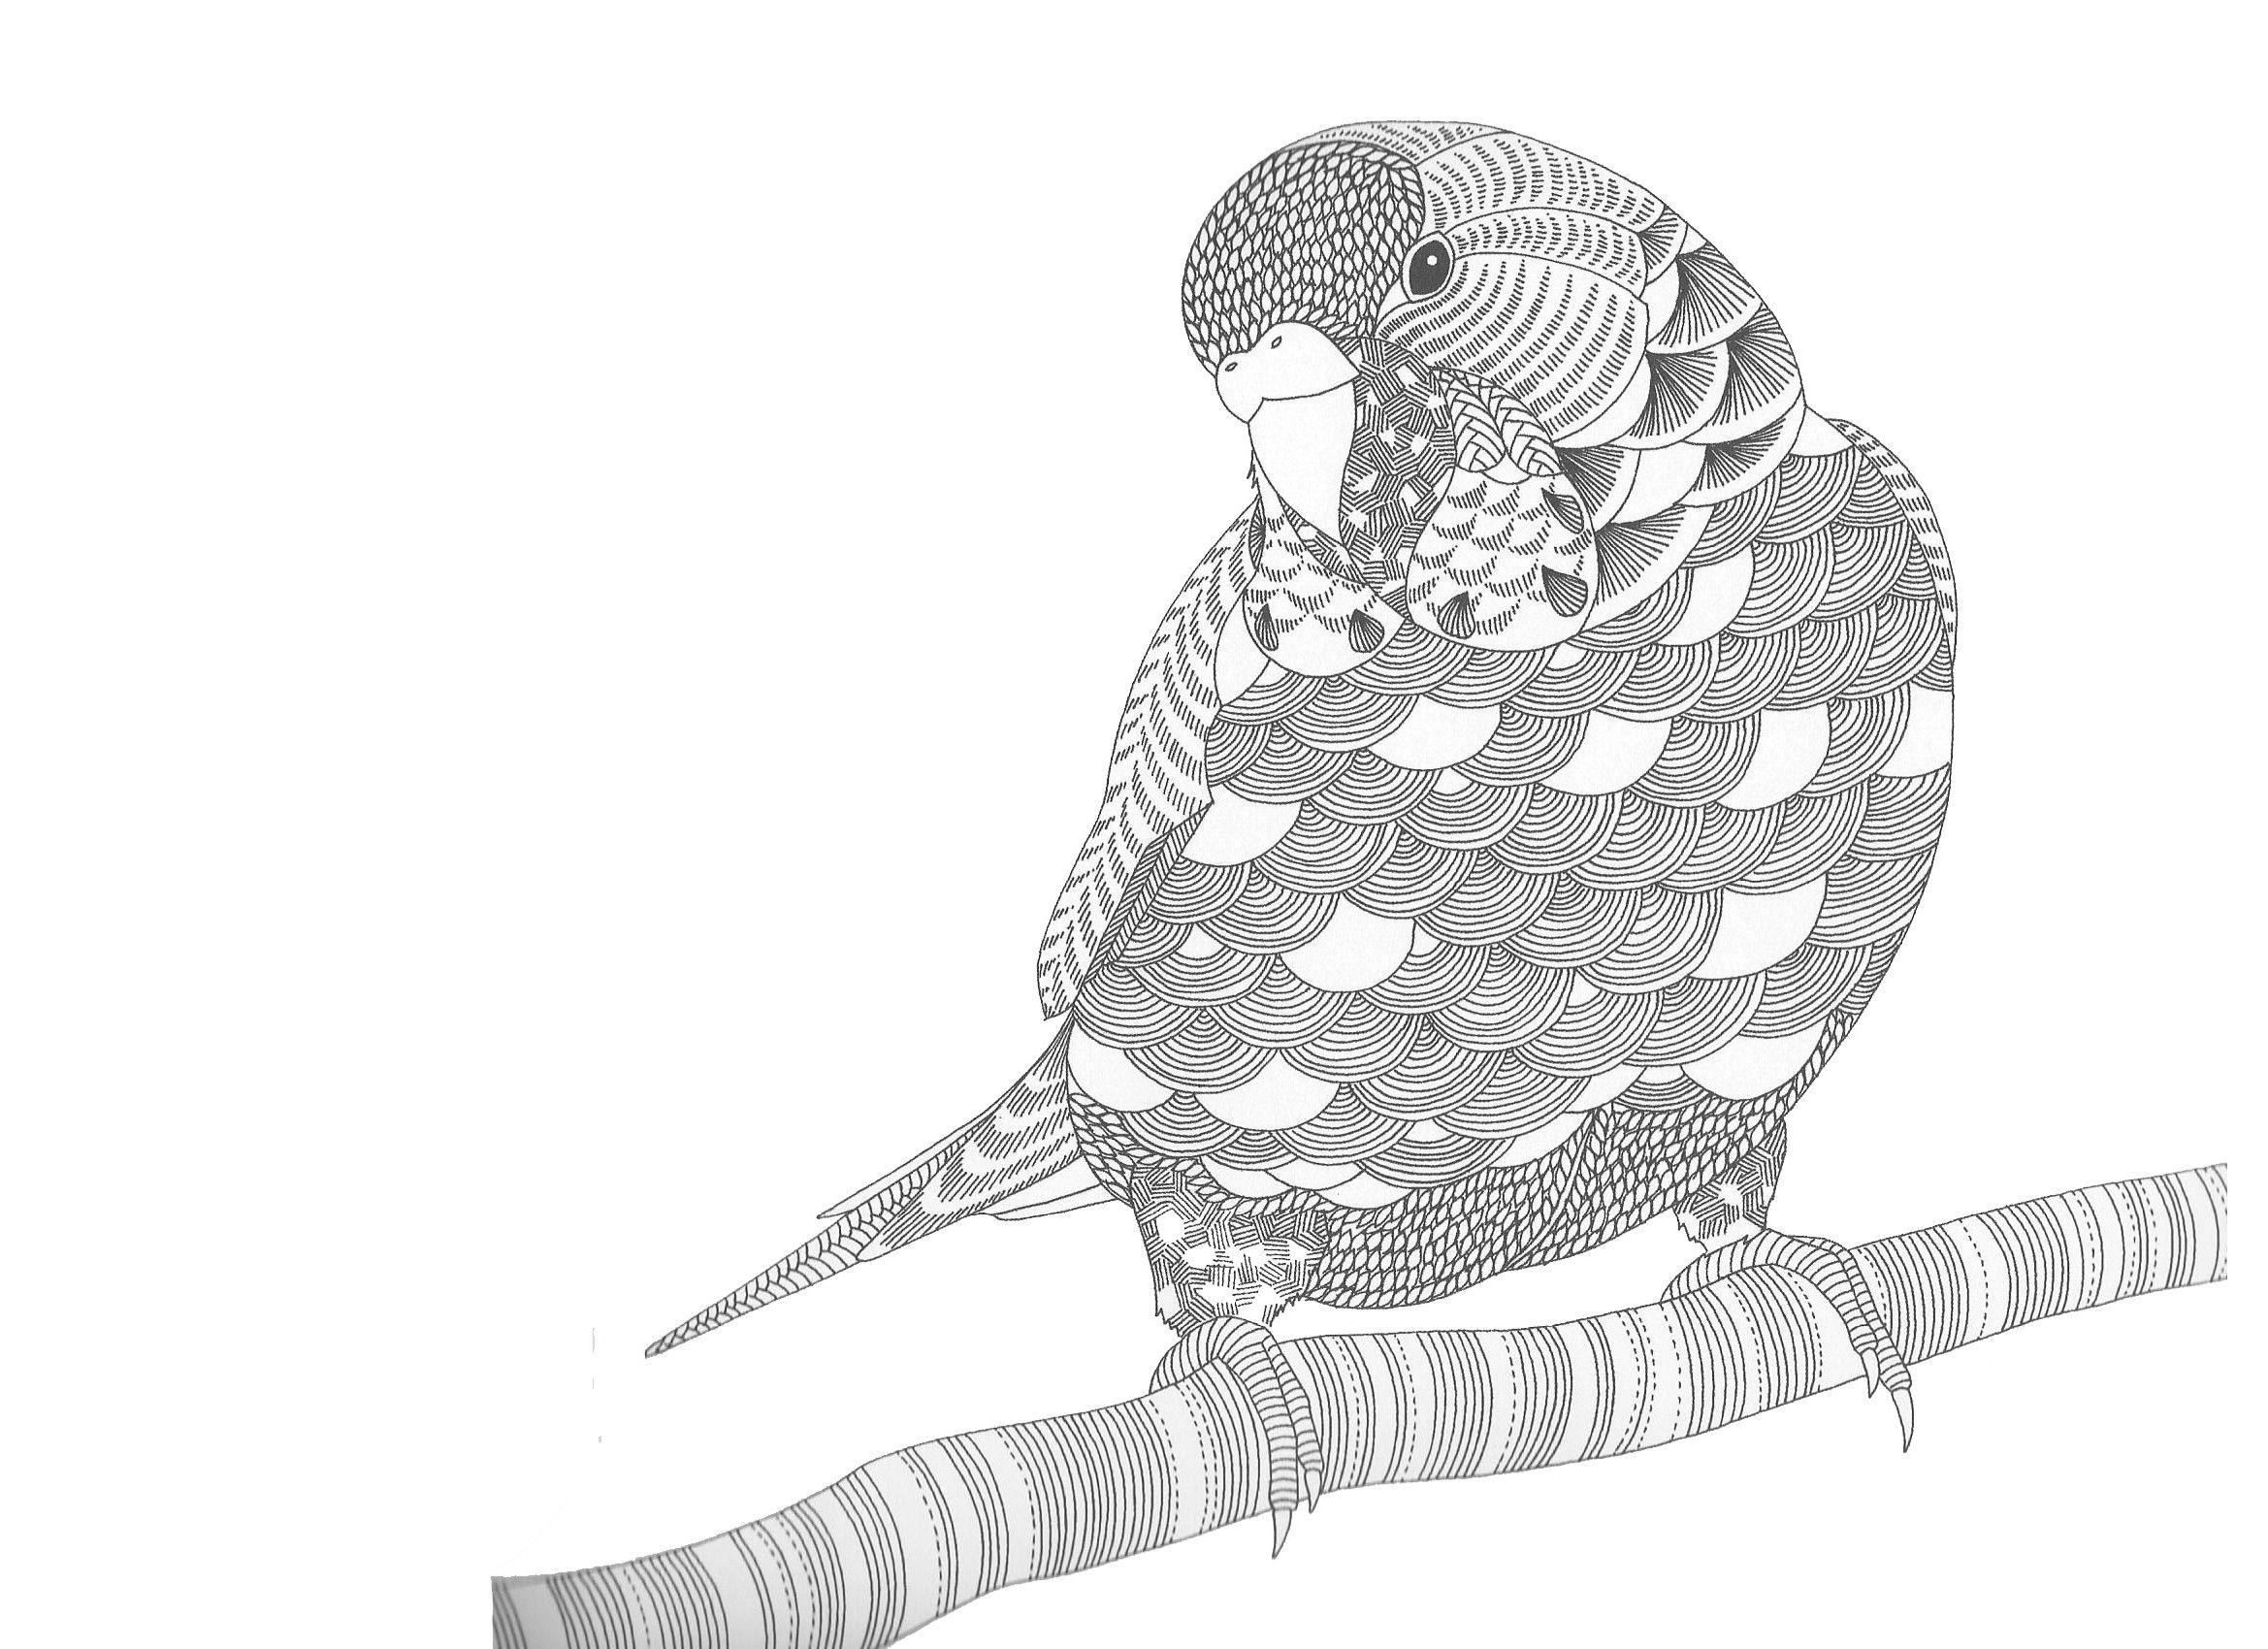 parkiet kleurplaten kleurboek vogels